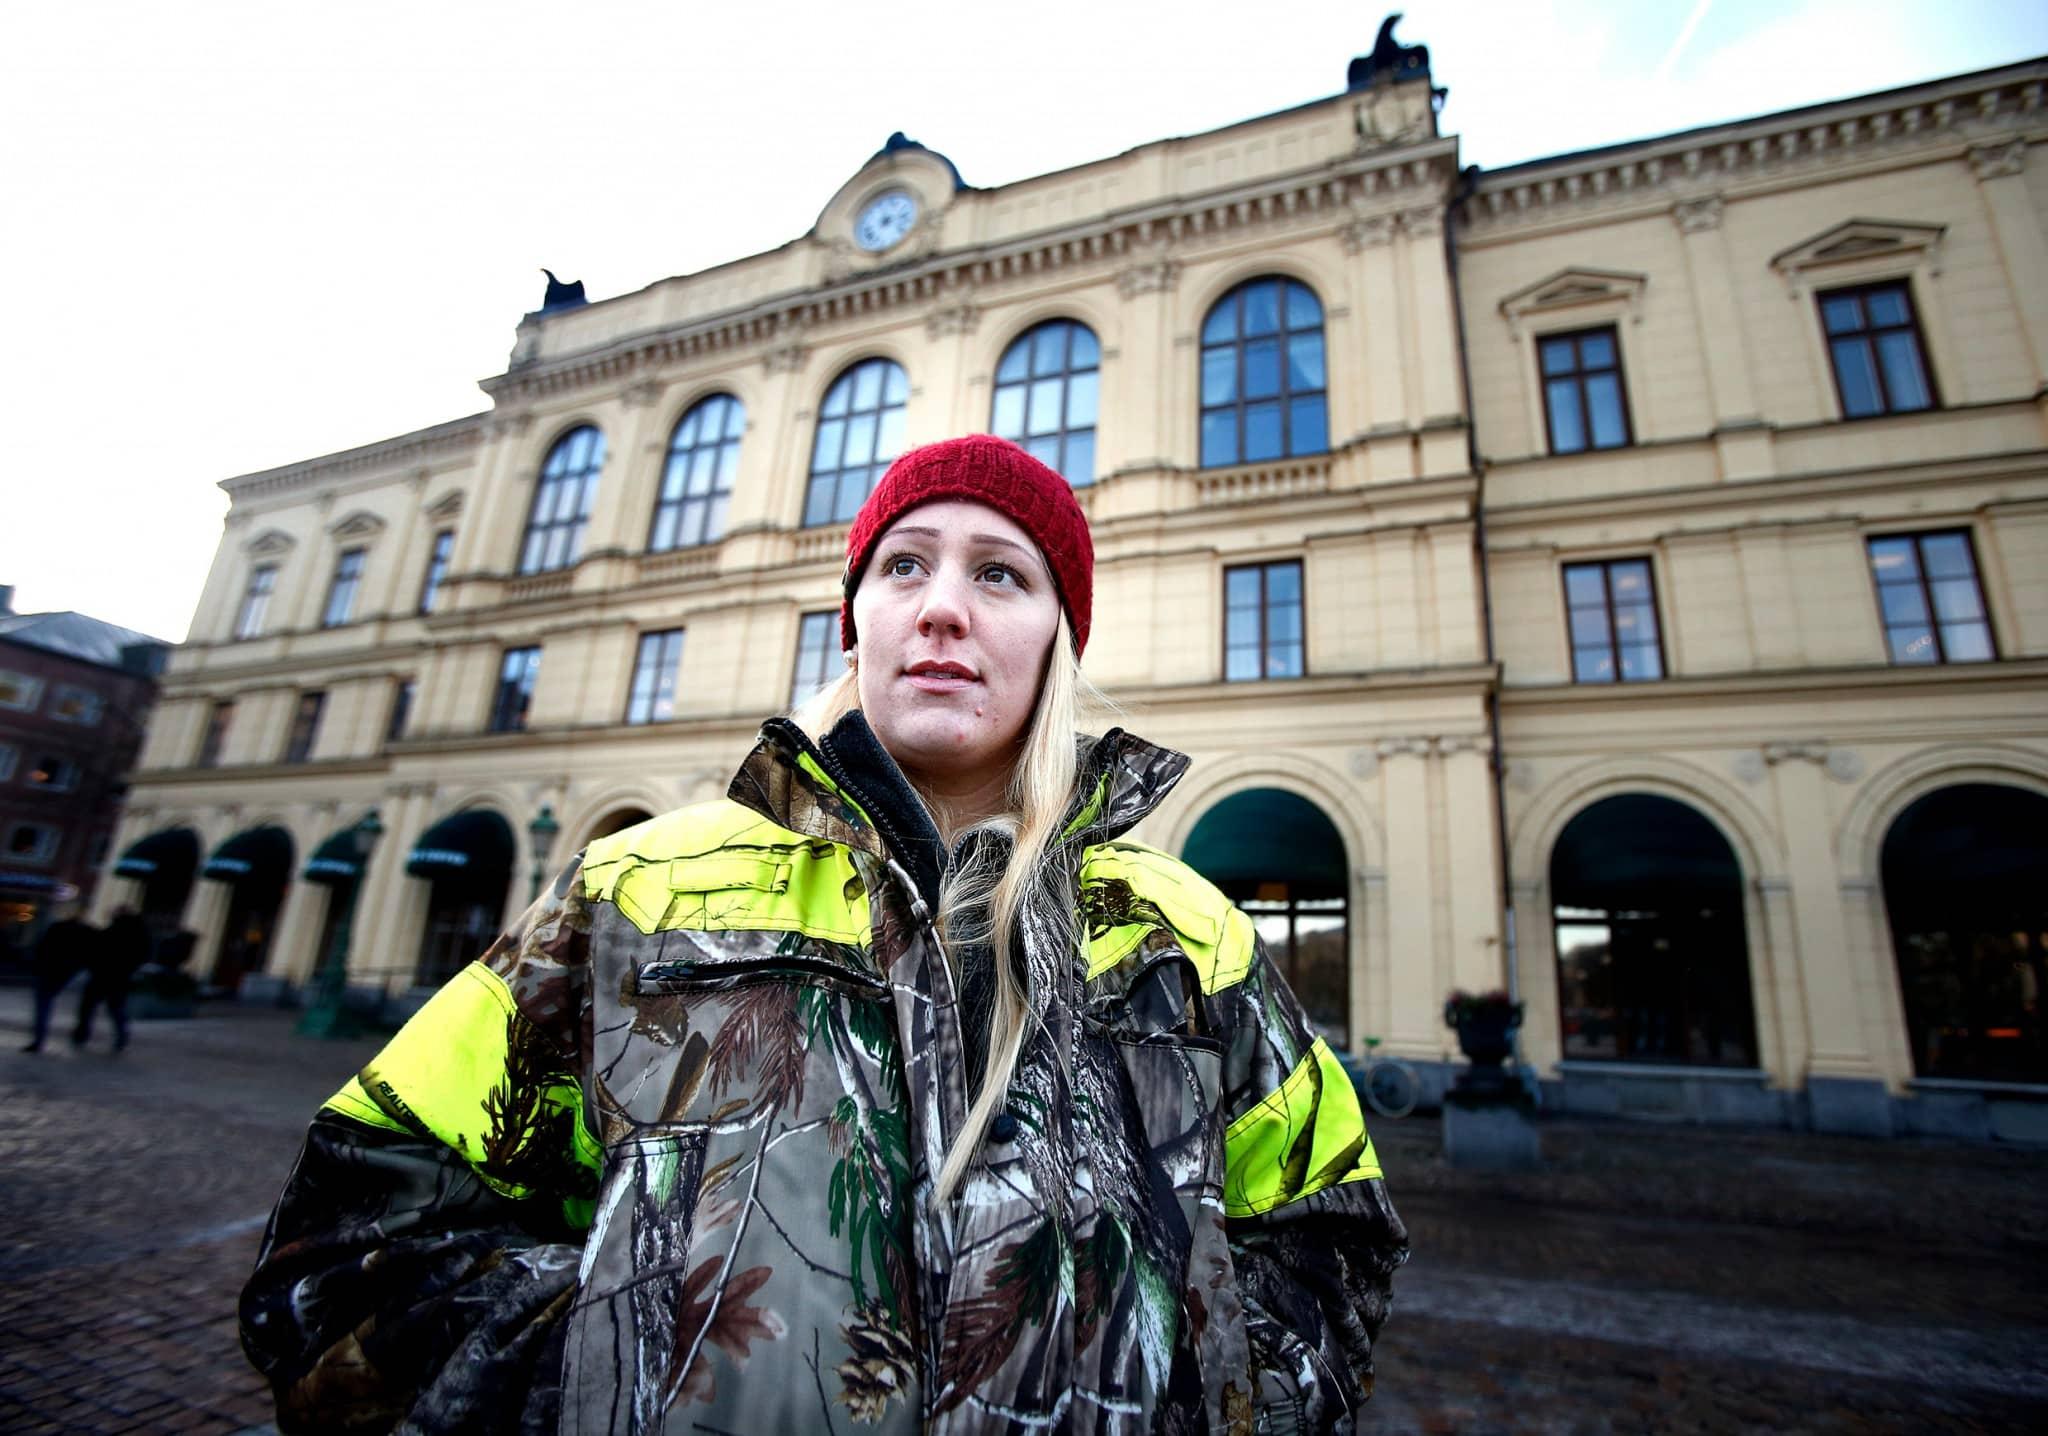 Sofie Rockmyr vid demonstration som arrangerades i januari 2015 på Stora torget i Karlstad när vargjakten hade överklagats. Foto: Linn Malmen /Linn Malmén